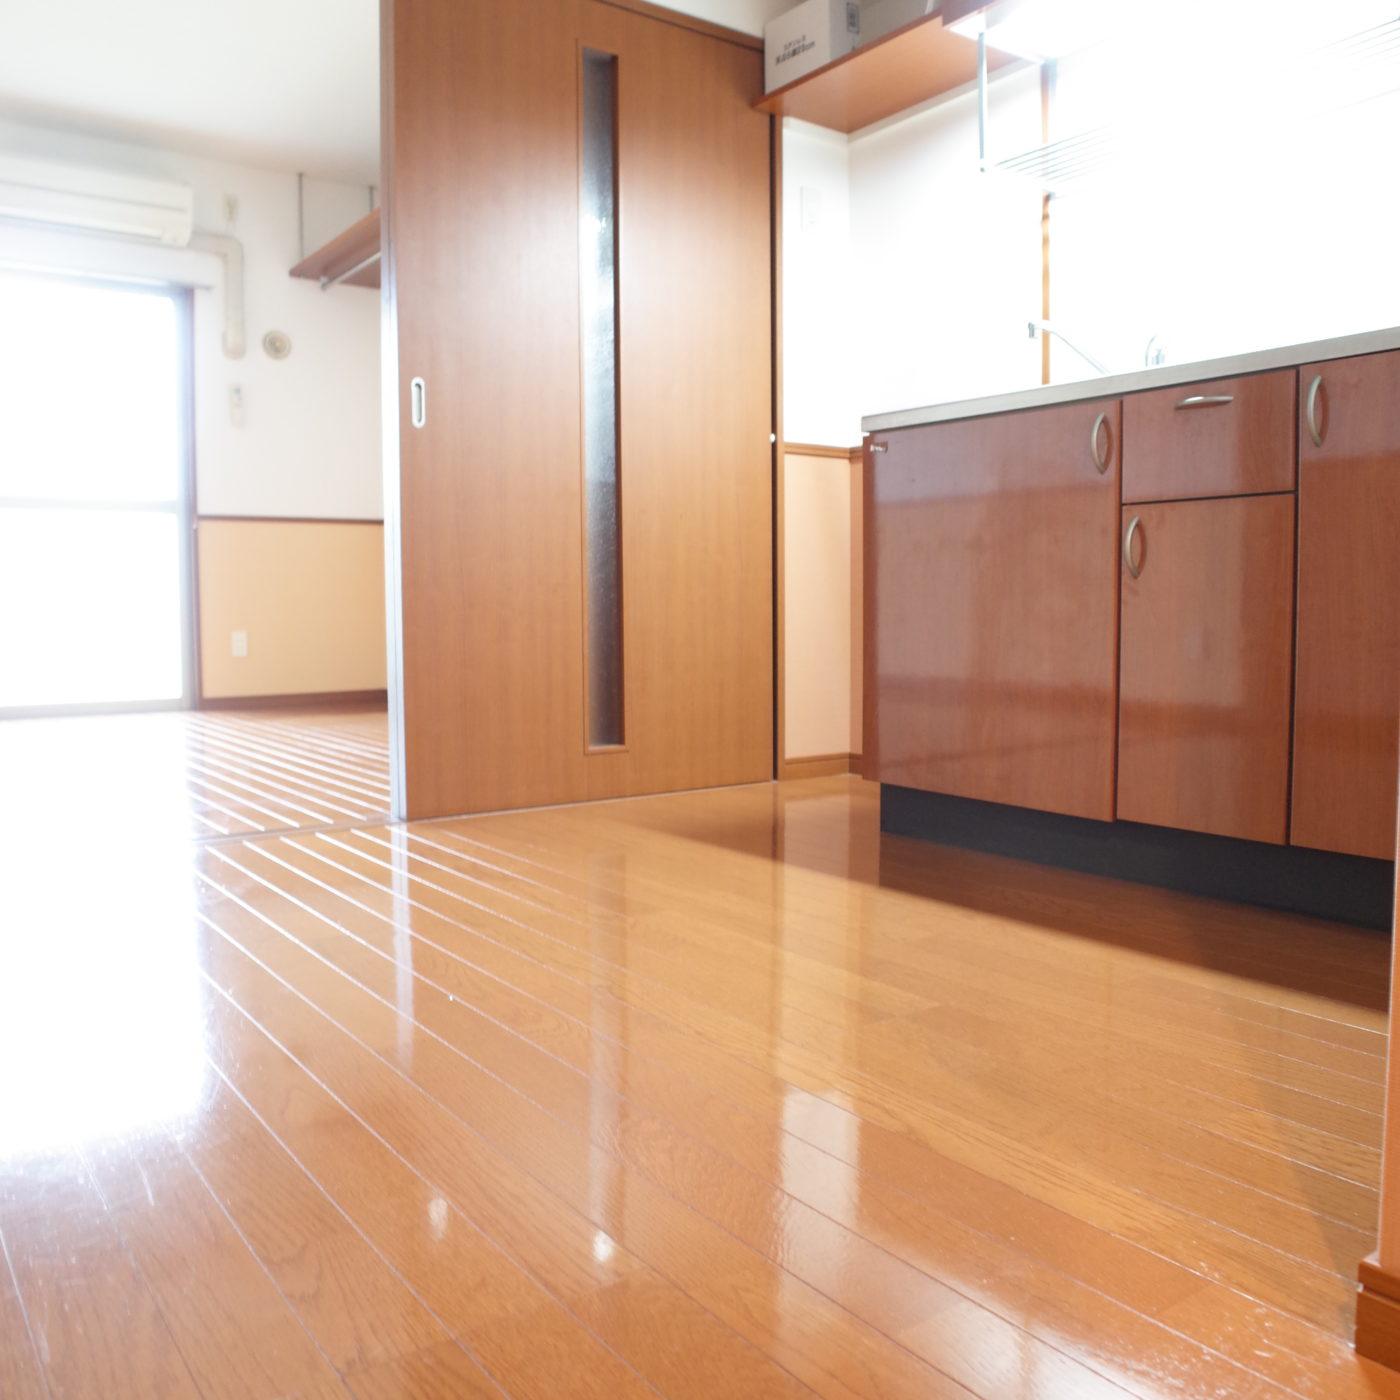 九州大学 伊都 アプリカード 一人暮らし ダイニング